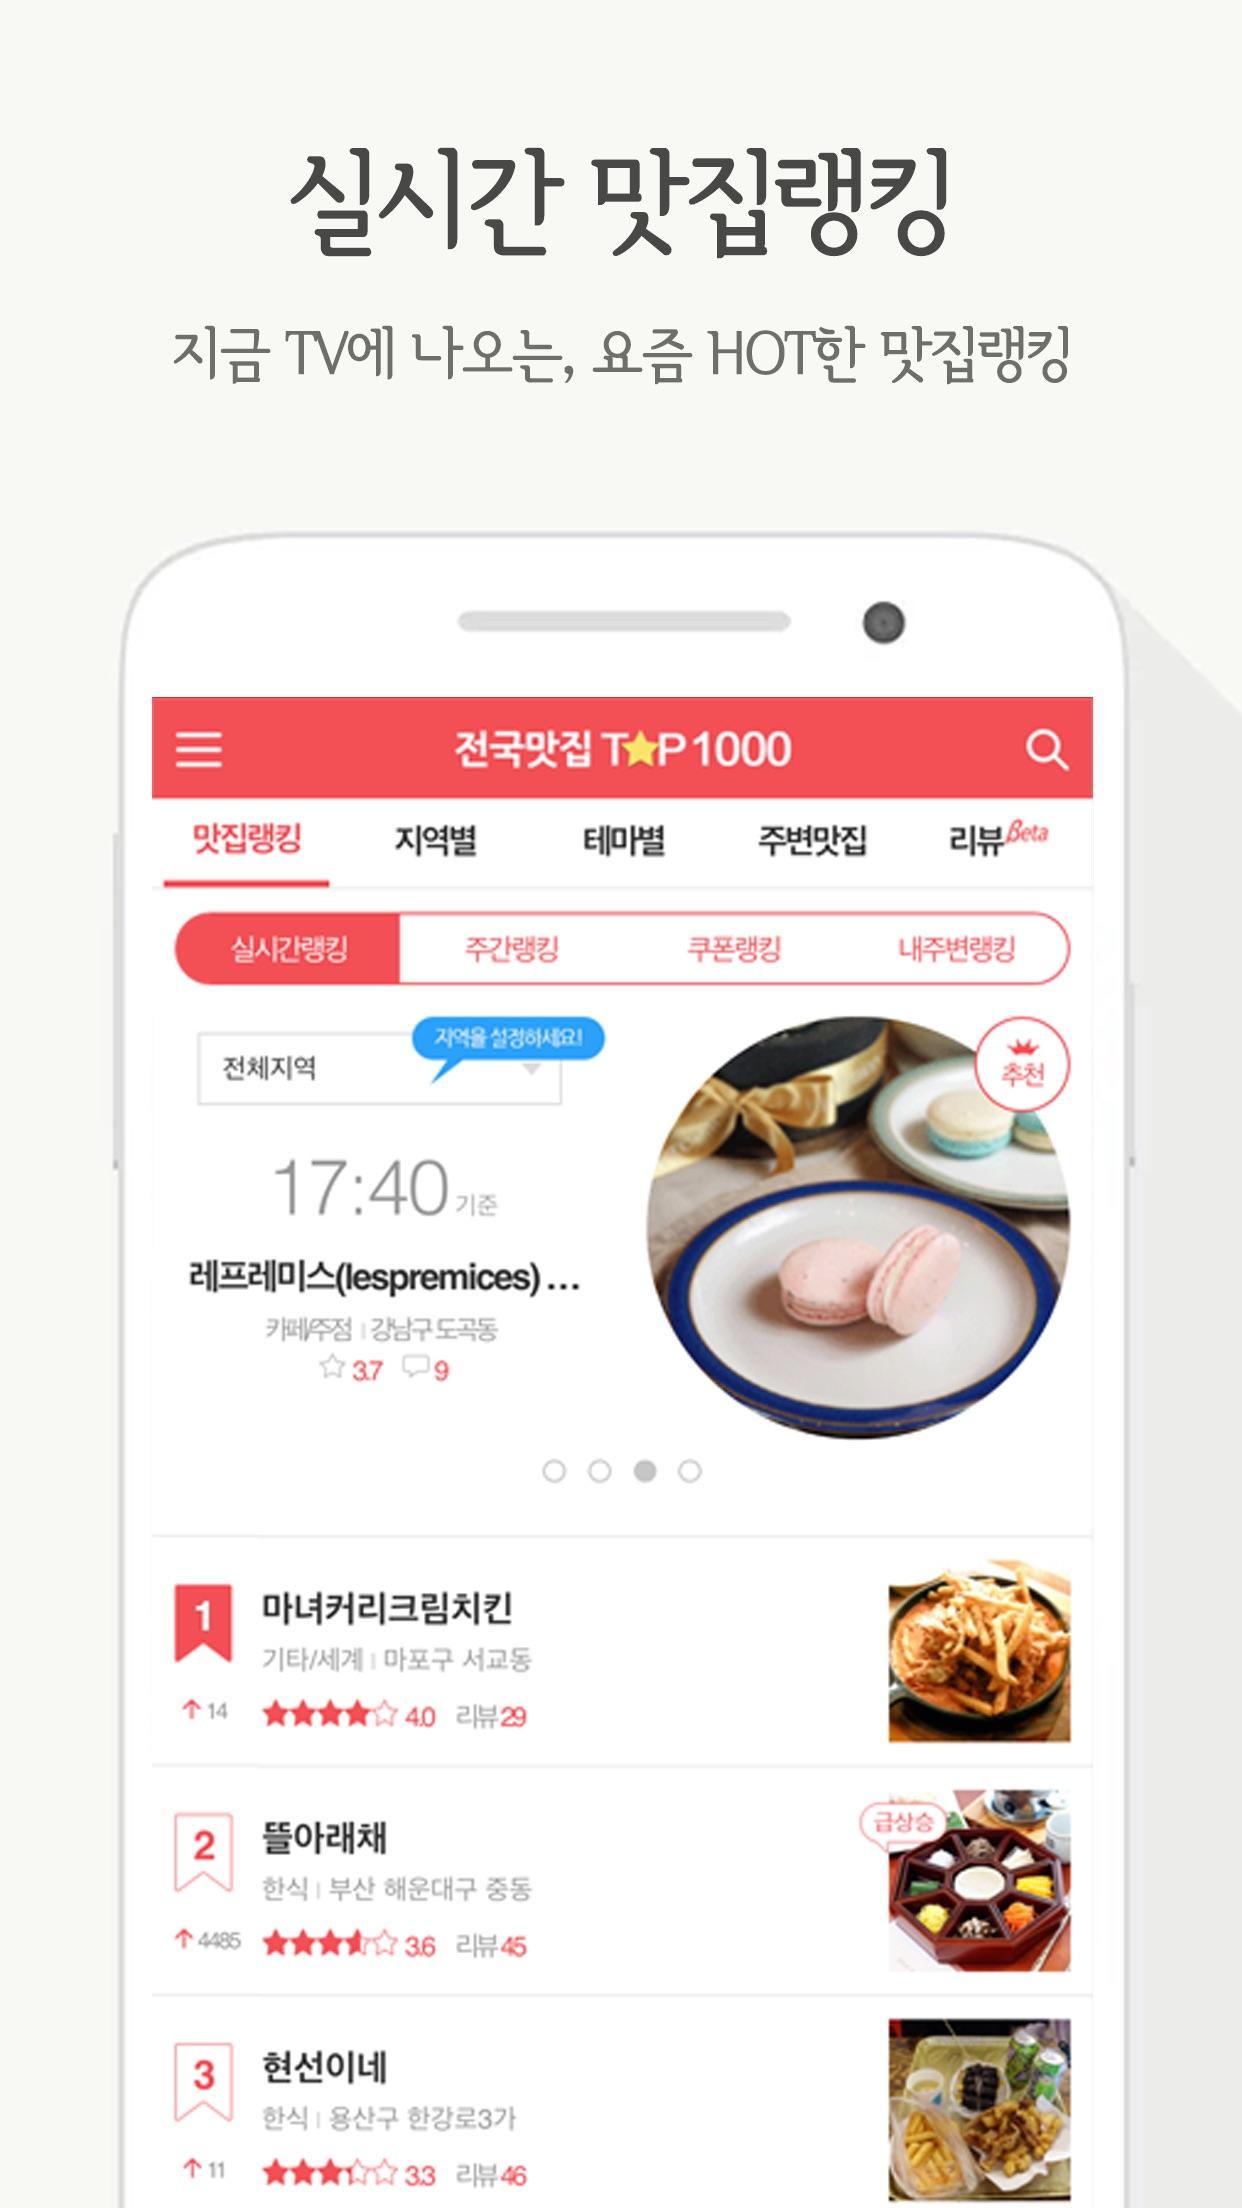 전국맛집 TOP1000 - 실시간 맛집랭킹&쿠폰 Screenshot